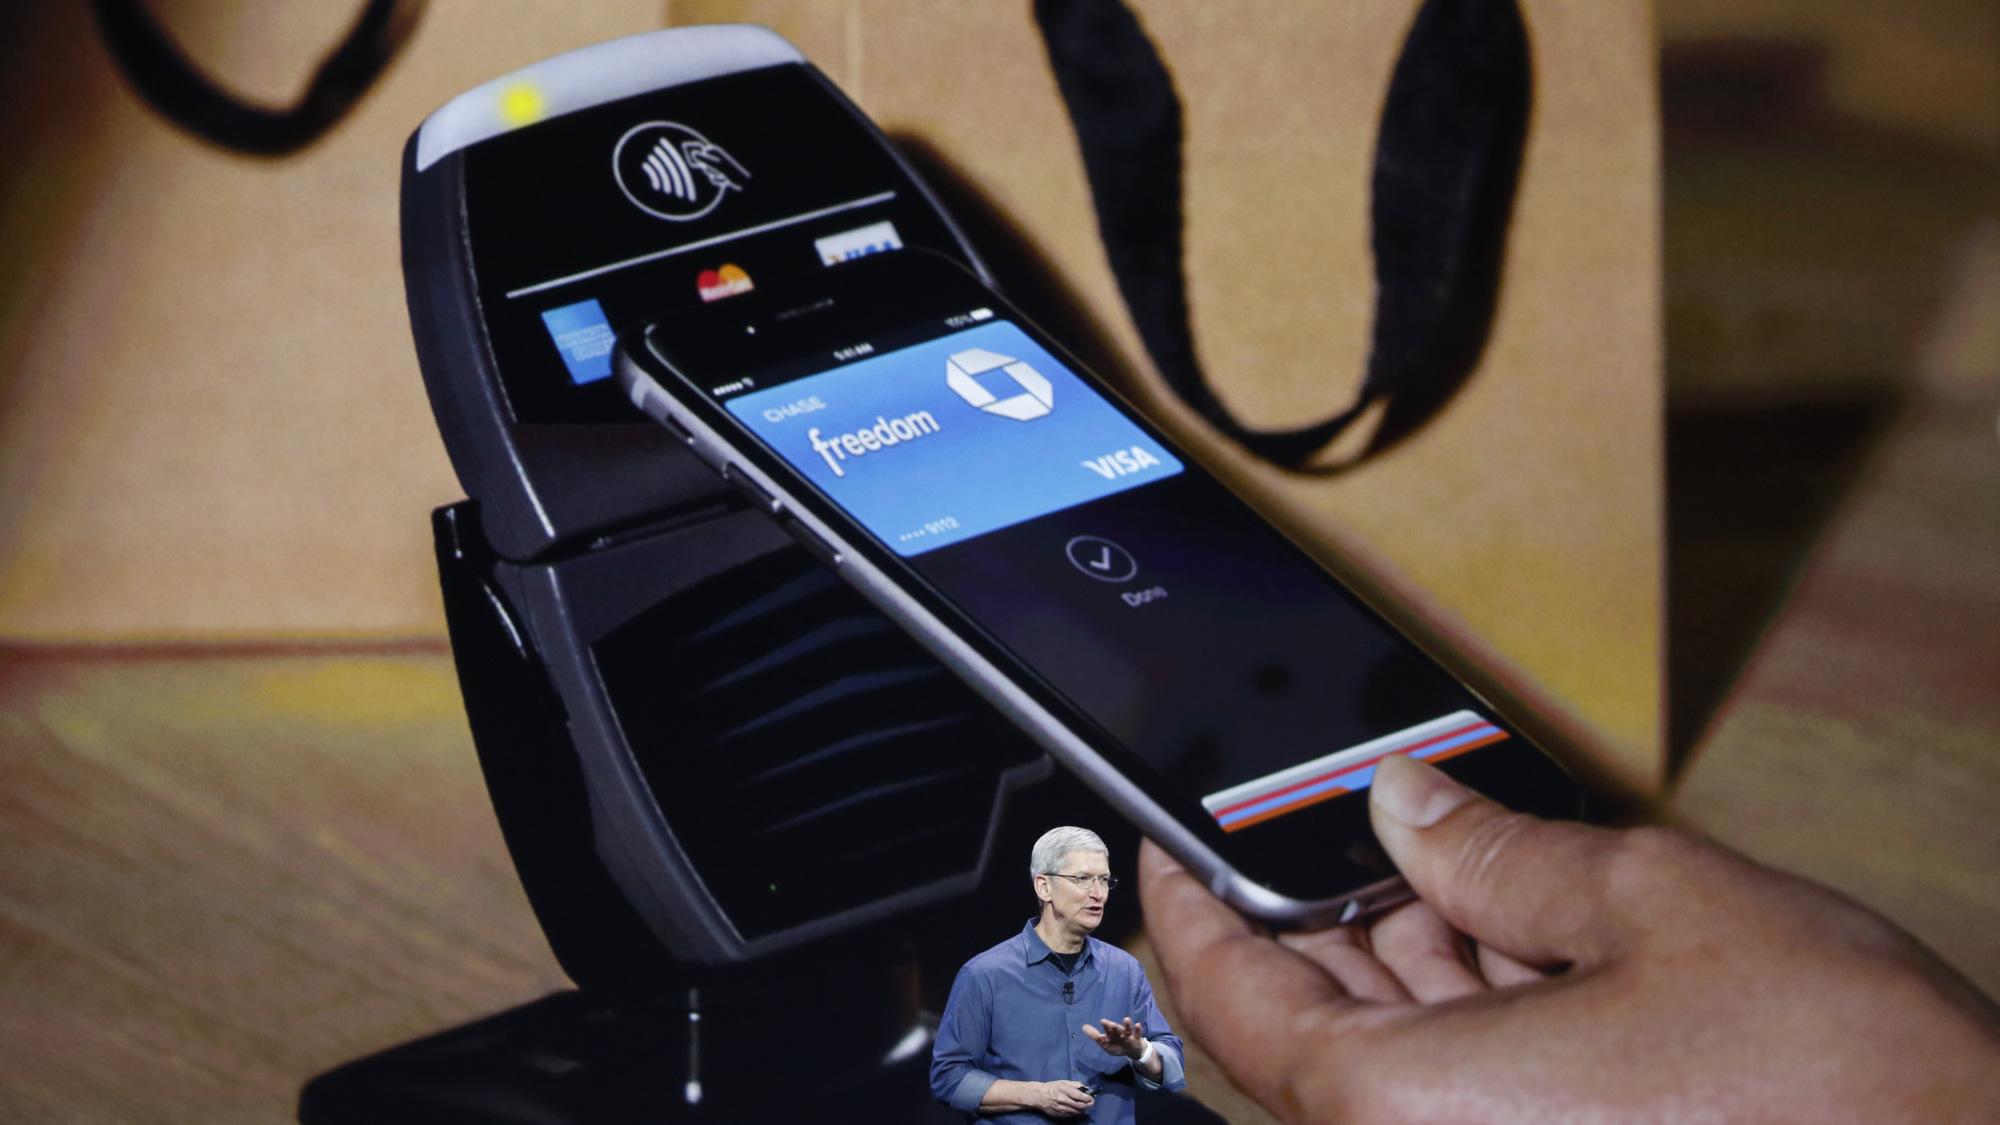 Apple Pay-ը 72 ժամվա ընթացքում ակտիվացրել է 1 մլն քարտ